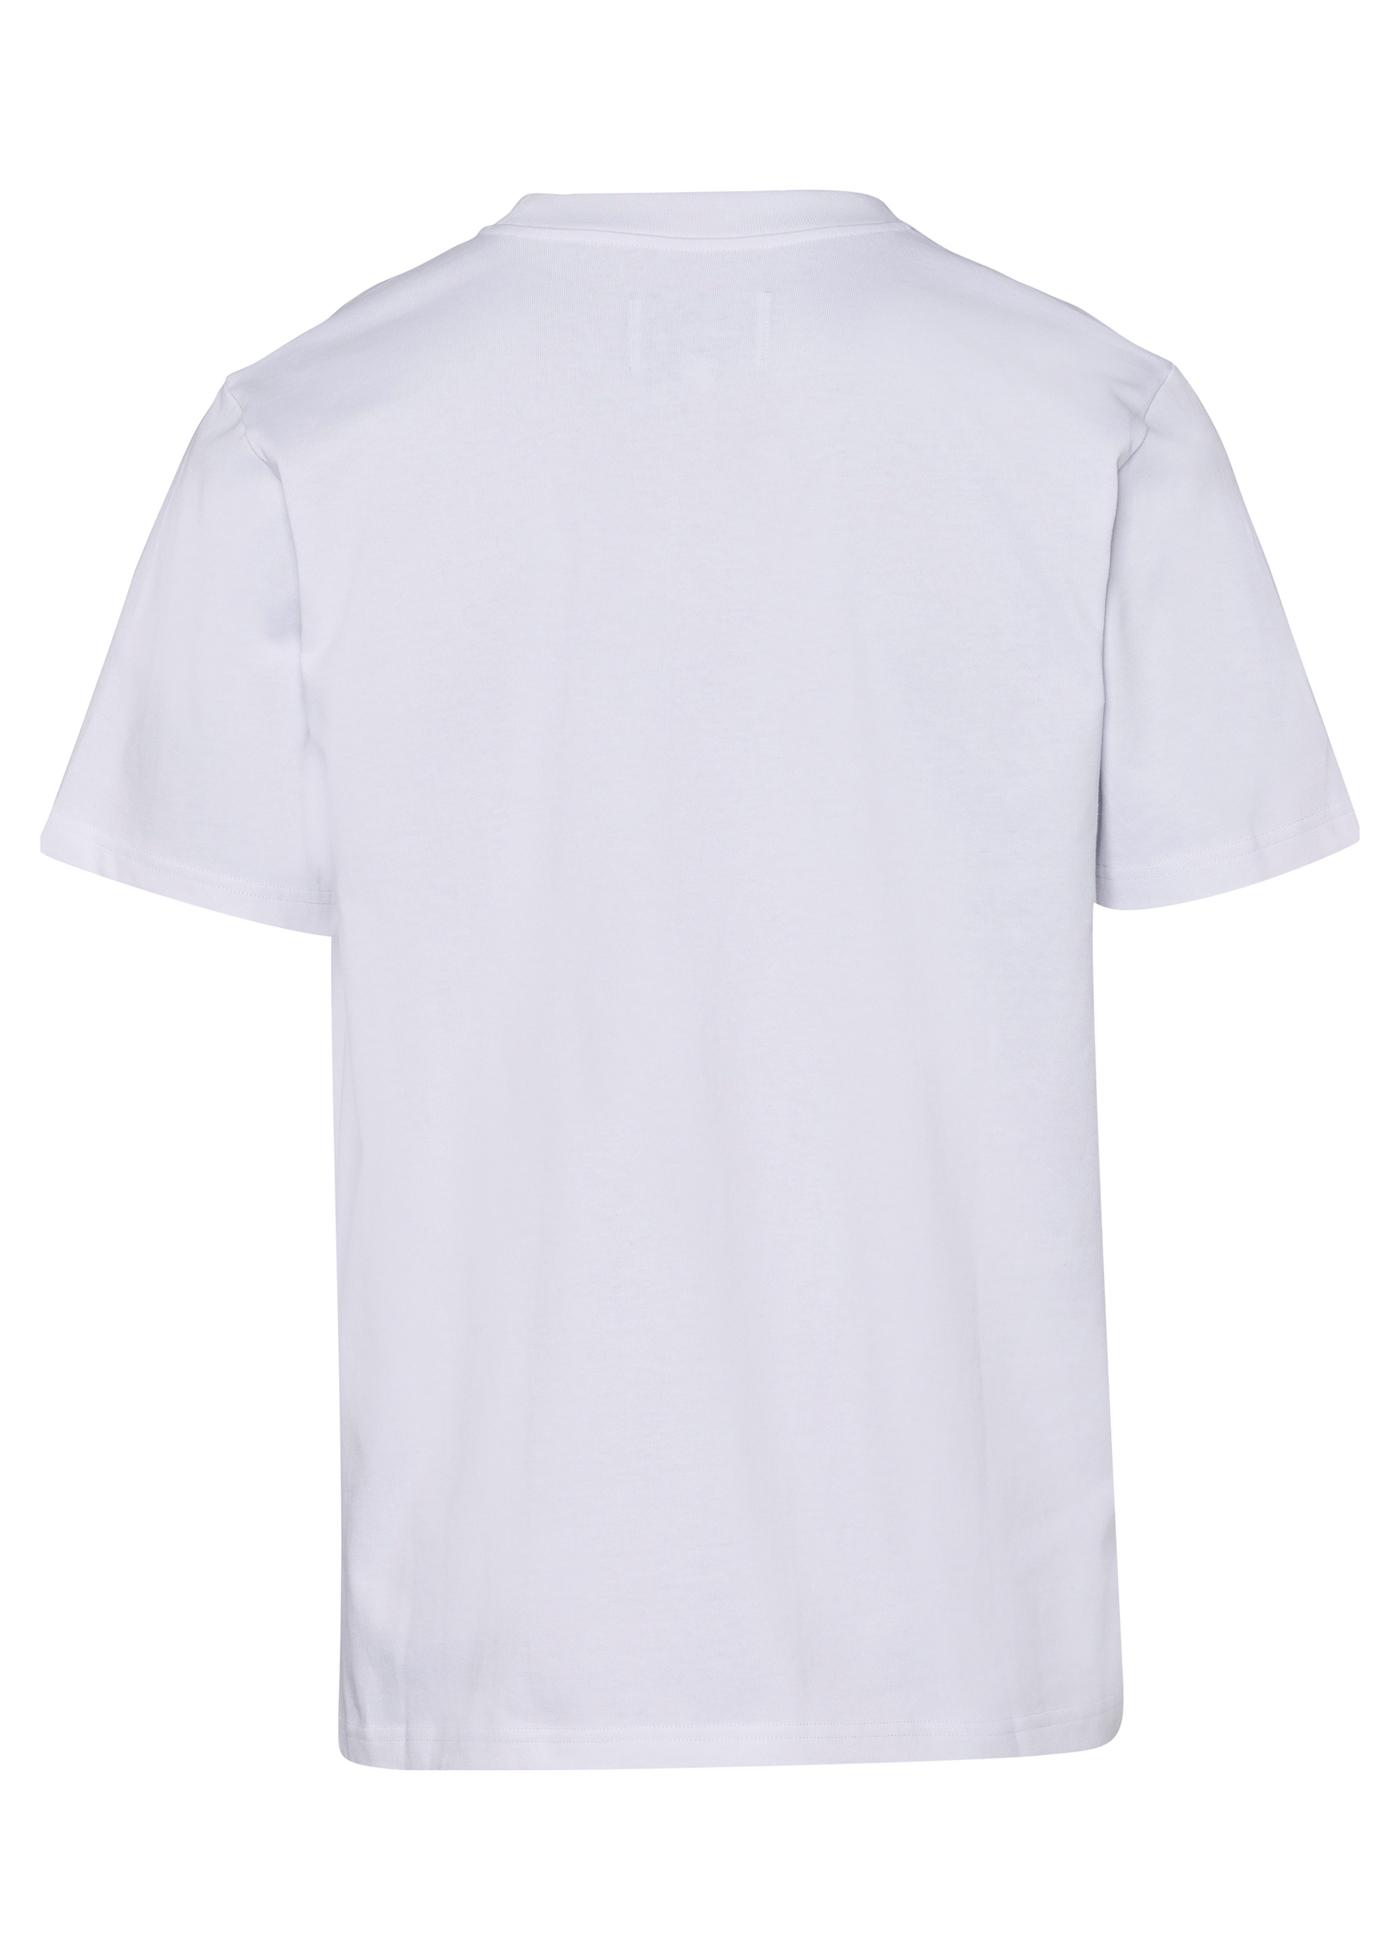 Orange Printed T-Shirt image number 1